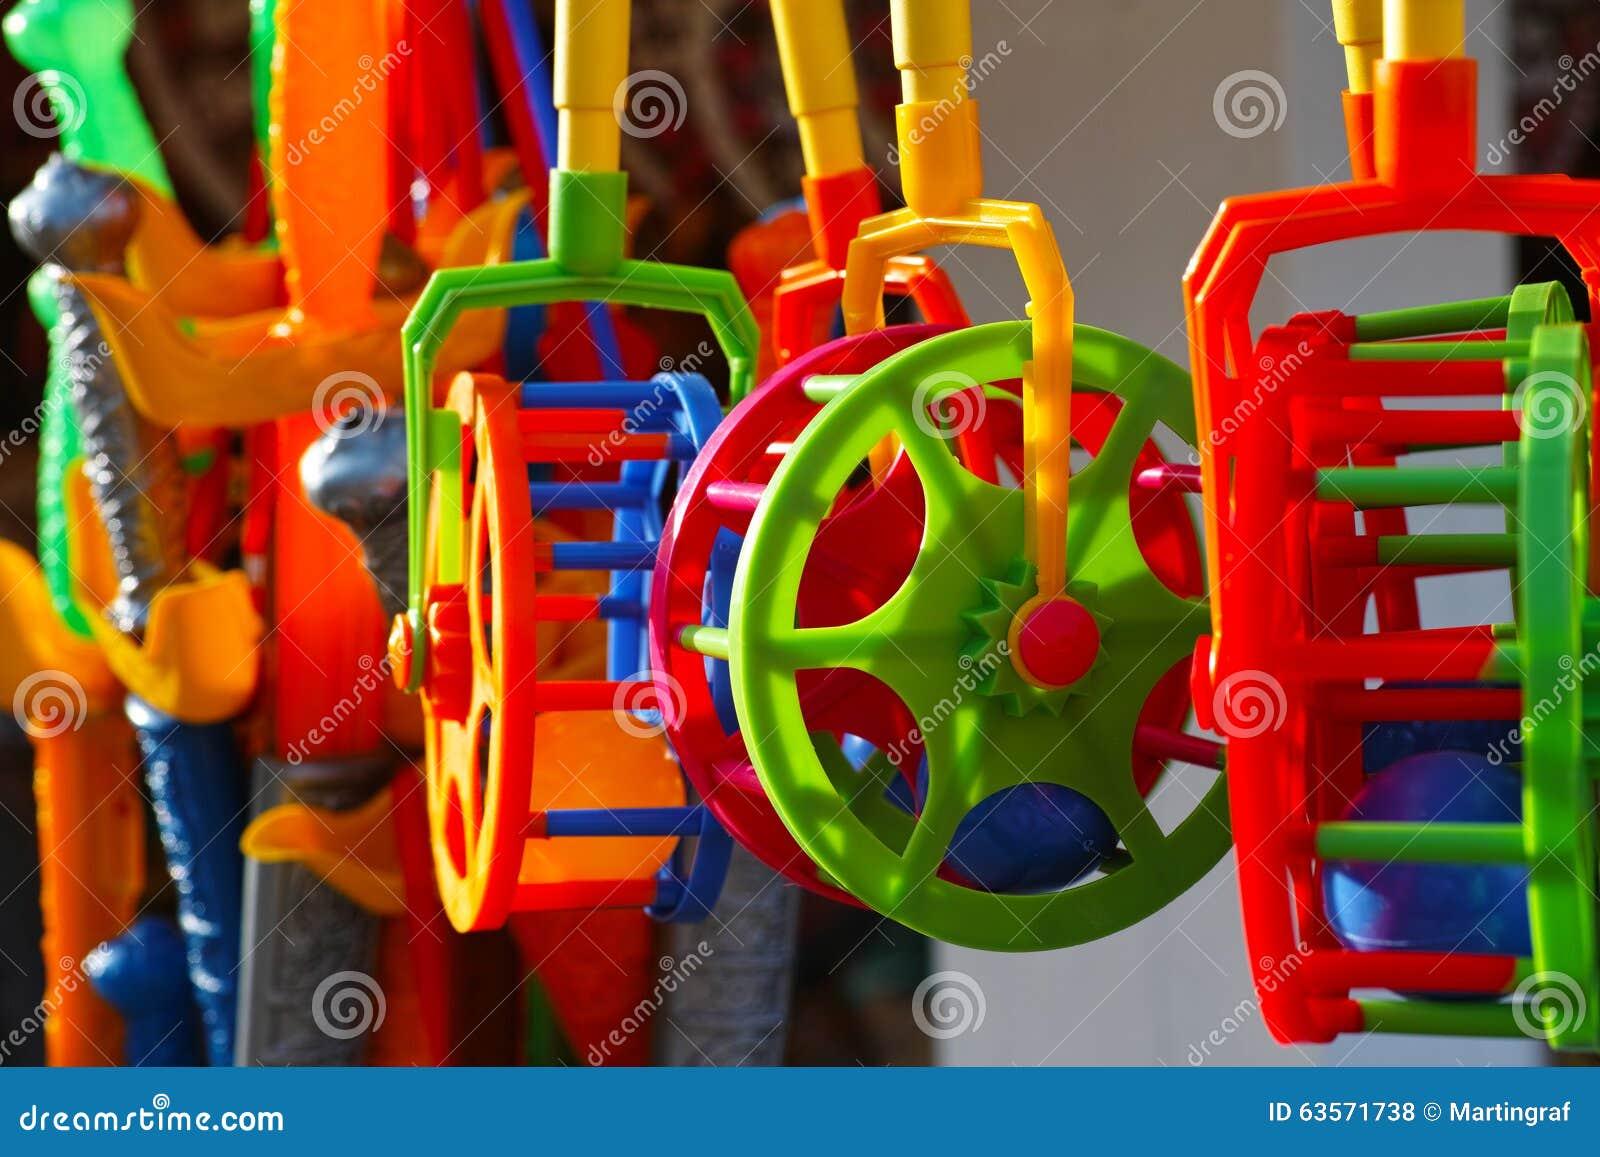 Färgrika plastic toys